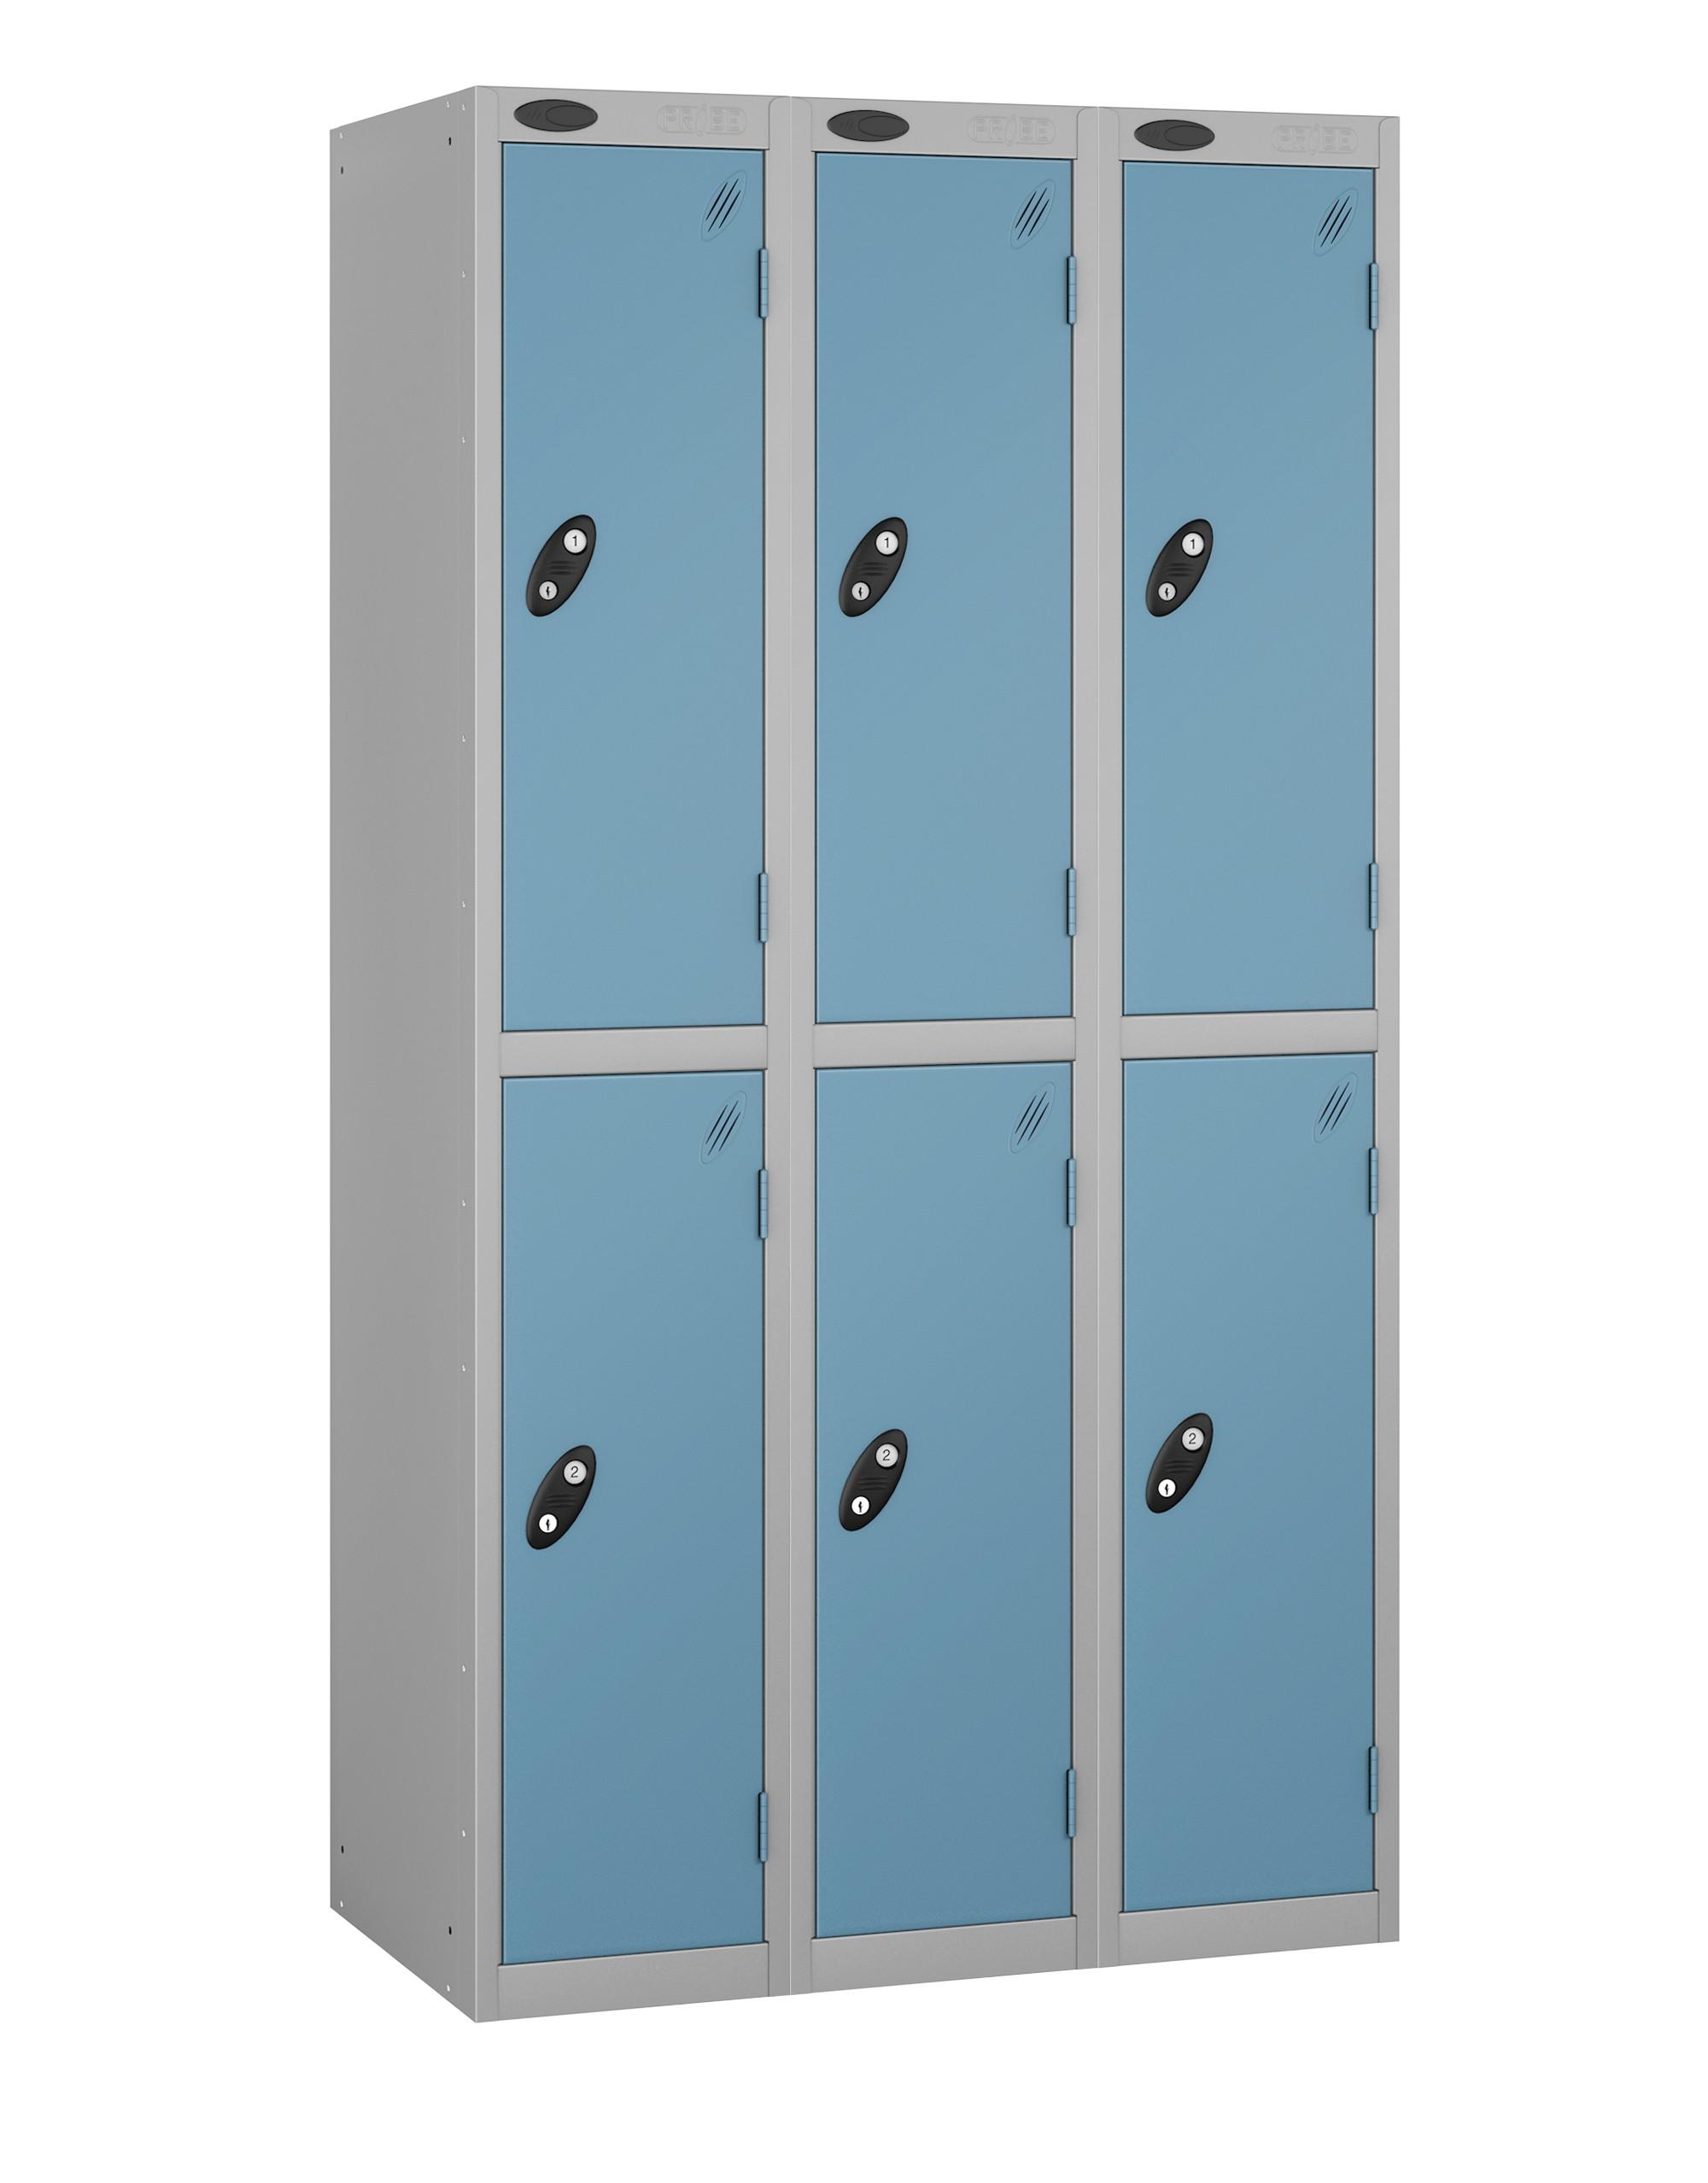 Colour Range Two Doors Locker - Nest of 3